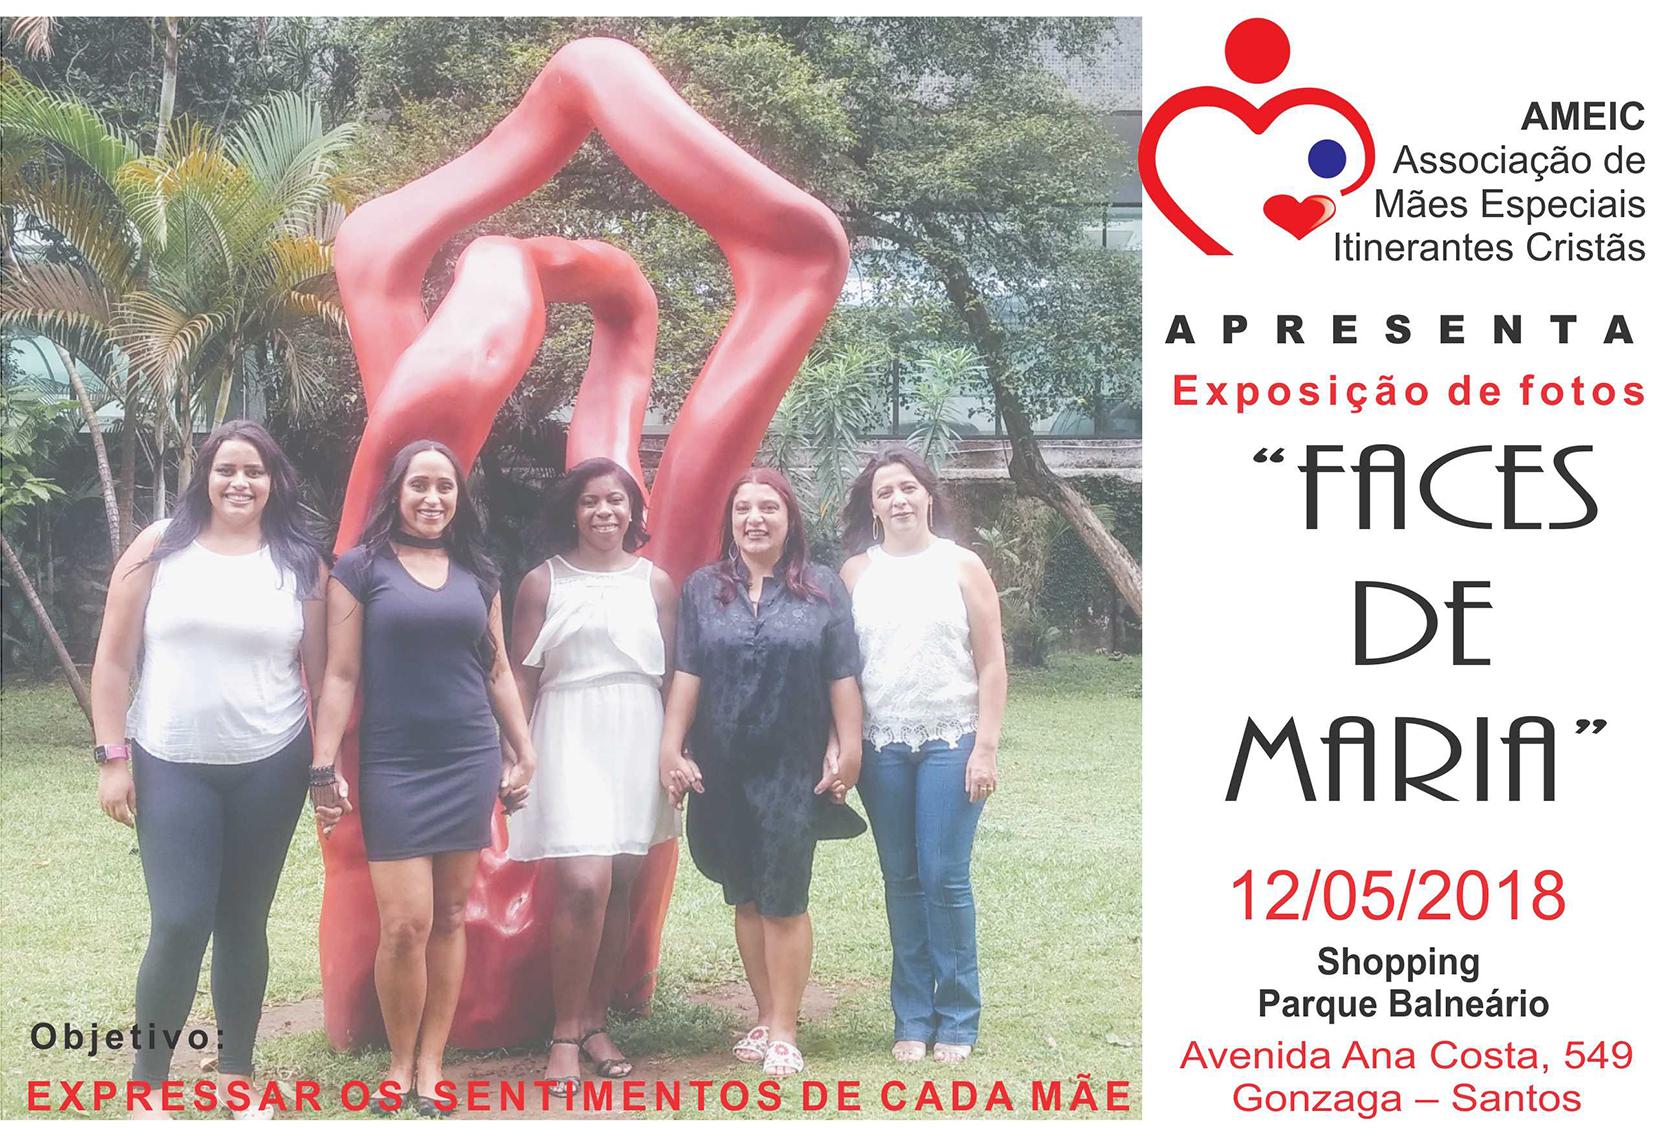 Exposição de Fotos celebra o Dia das Mães no Shopping Parque Balneário